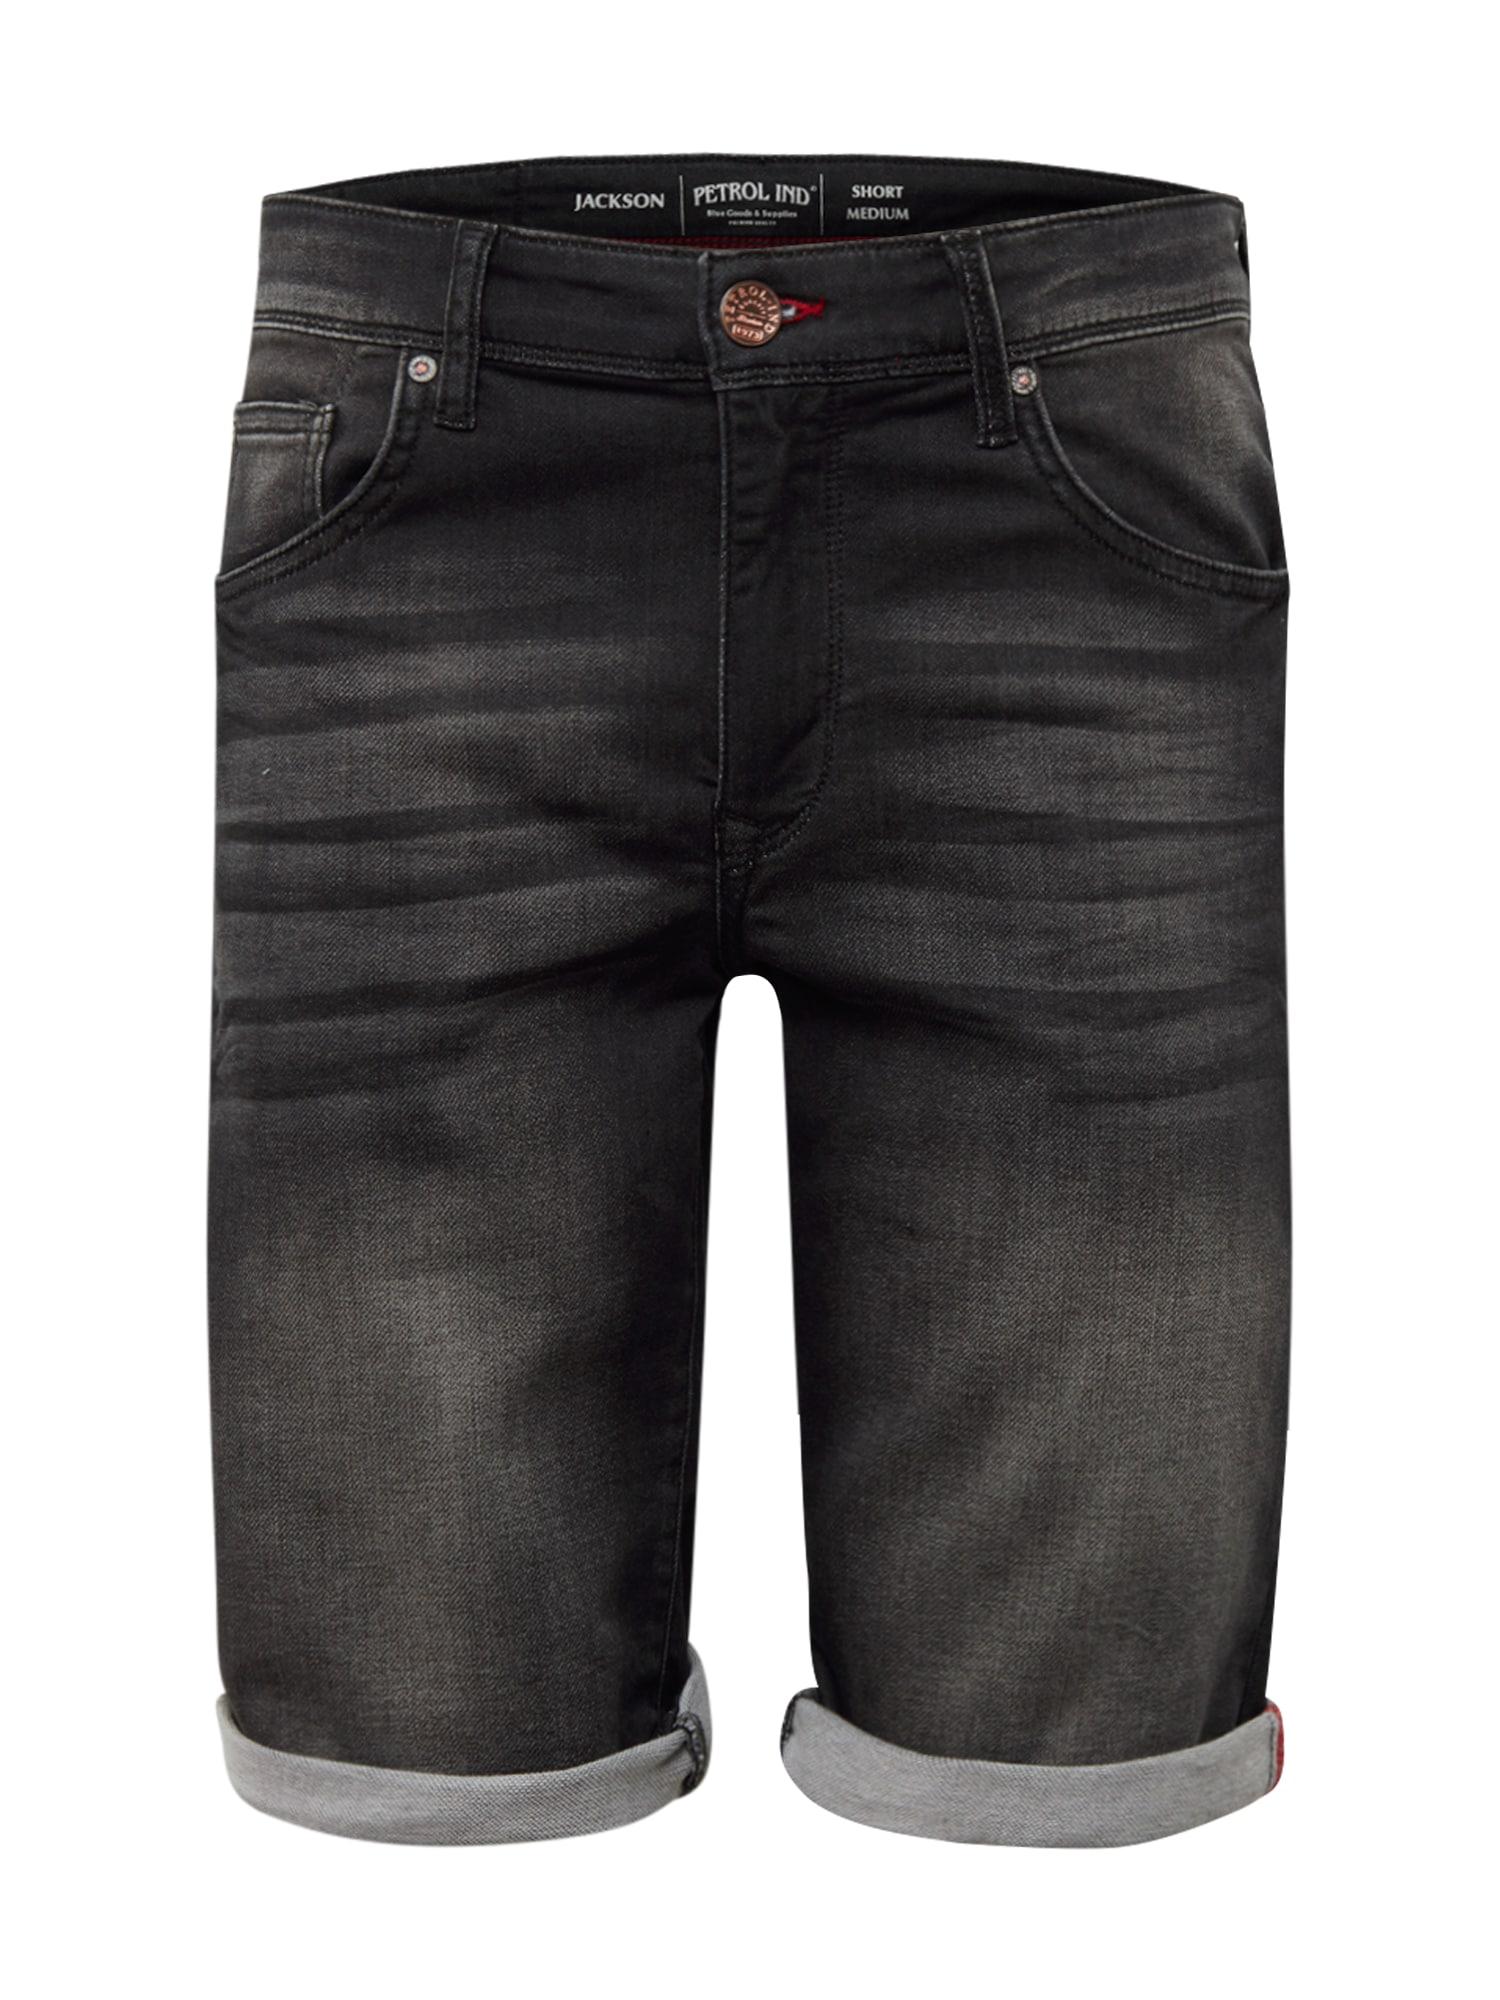 Petrol Industries Džinsai 'Jackson' juodo džinso spalva